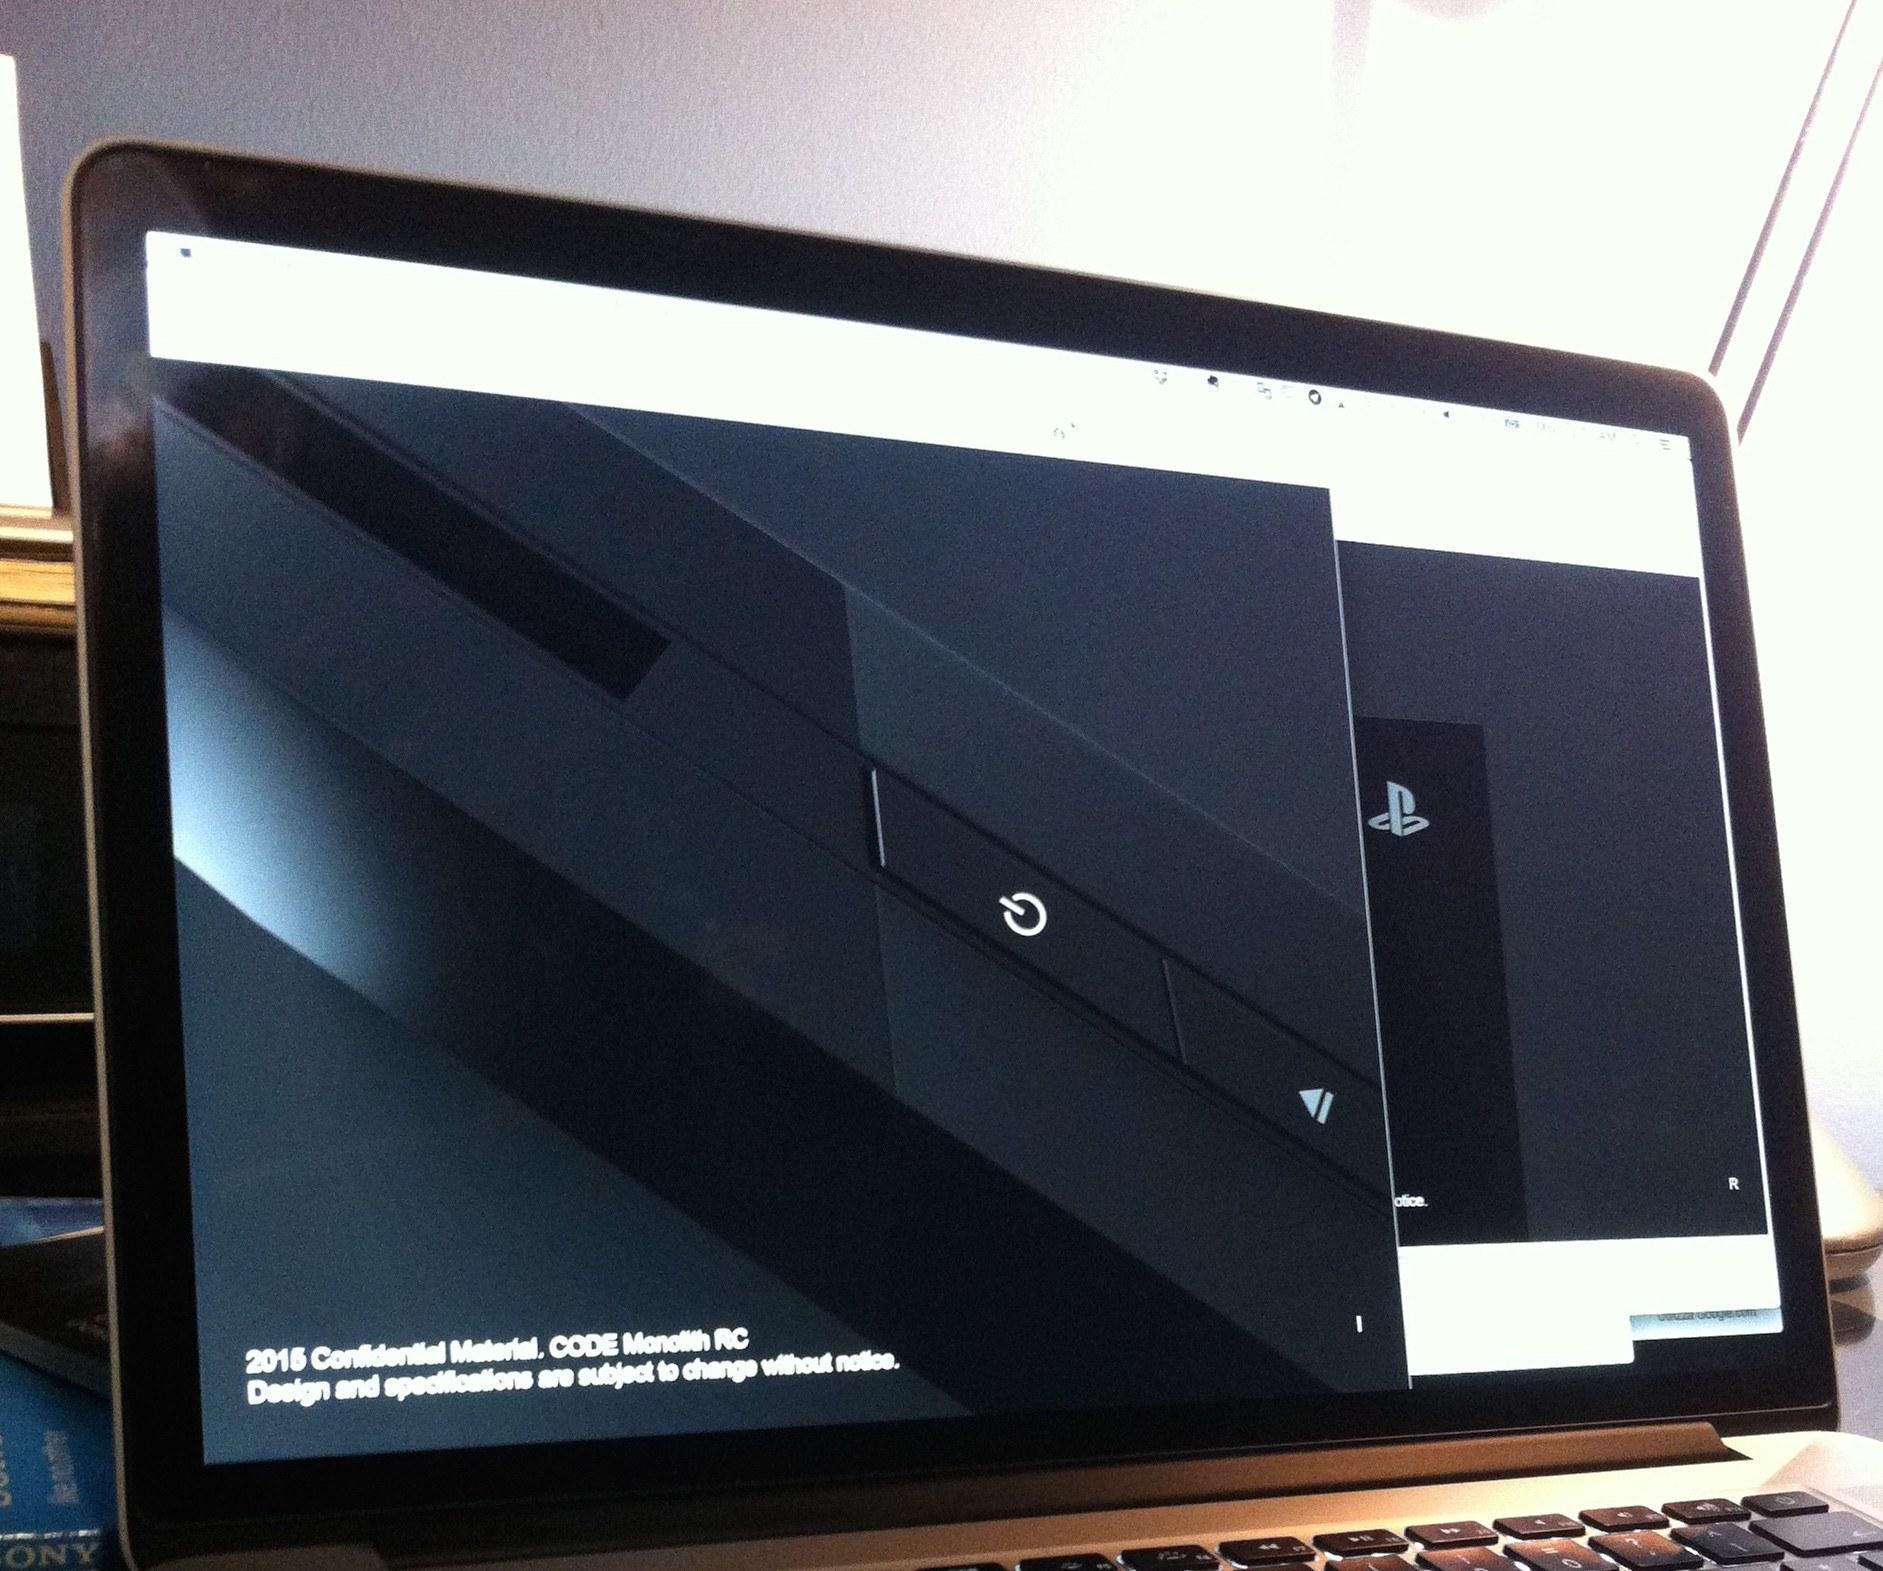 Filtrada posible imagen del modelo Slim de PS4